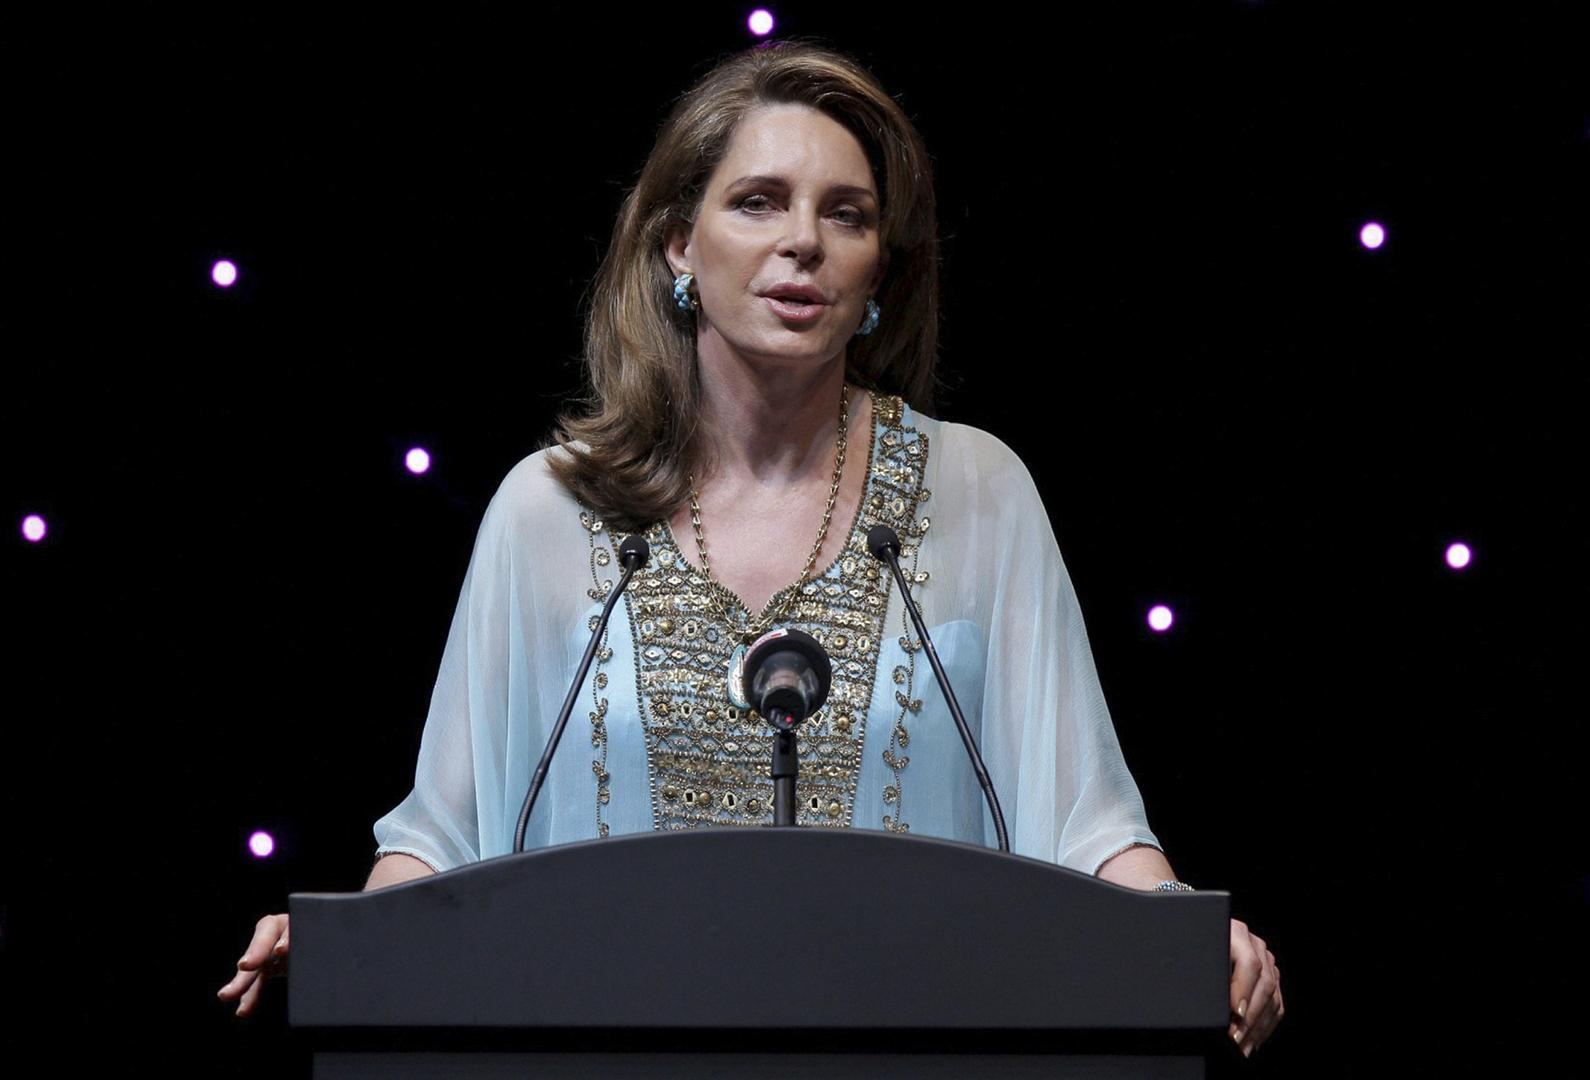 الأردن.. الملكة نور تعيد نشر الأوسمة الأكثر تداولا عن الأمير حمزة